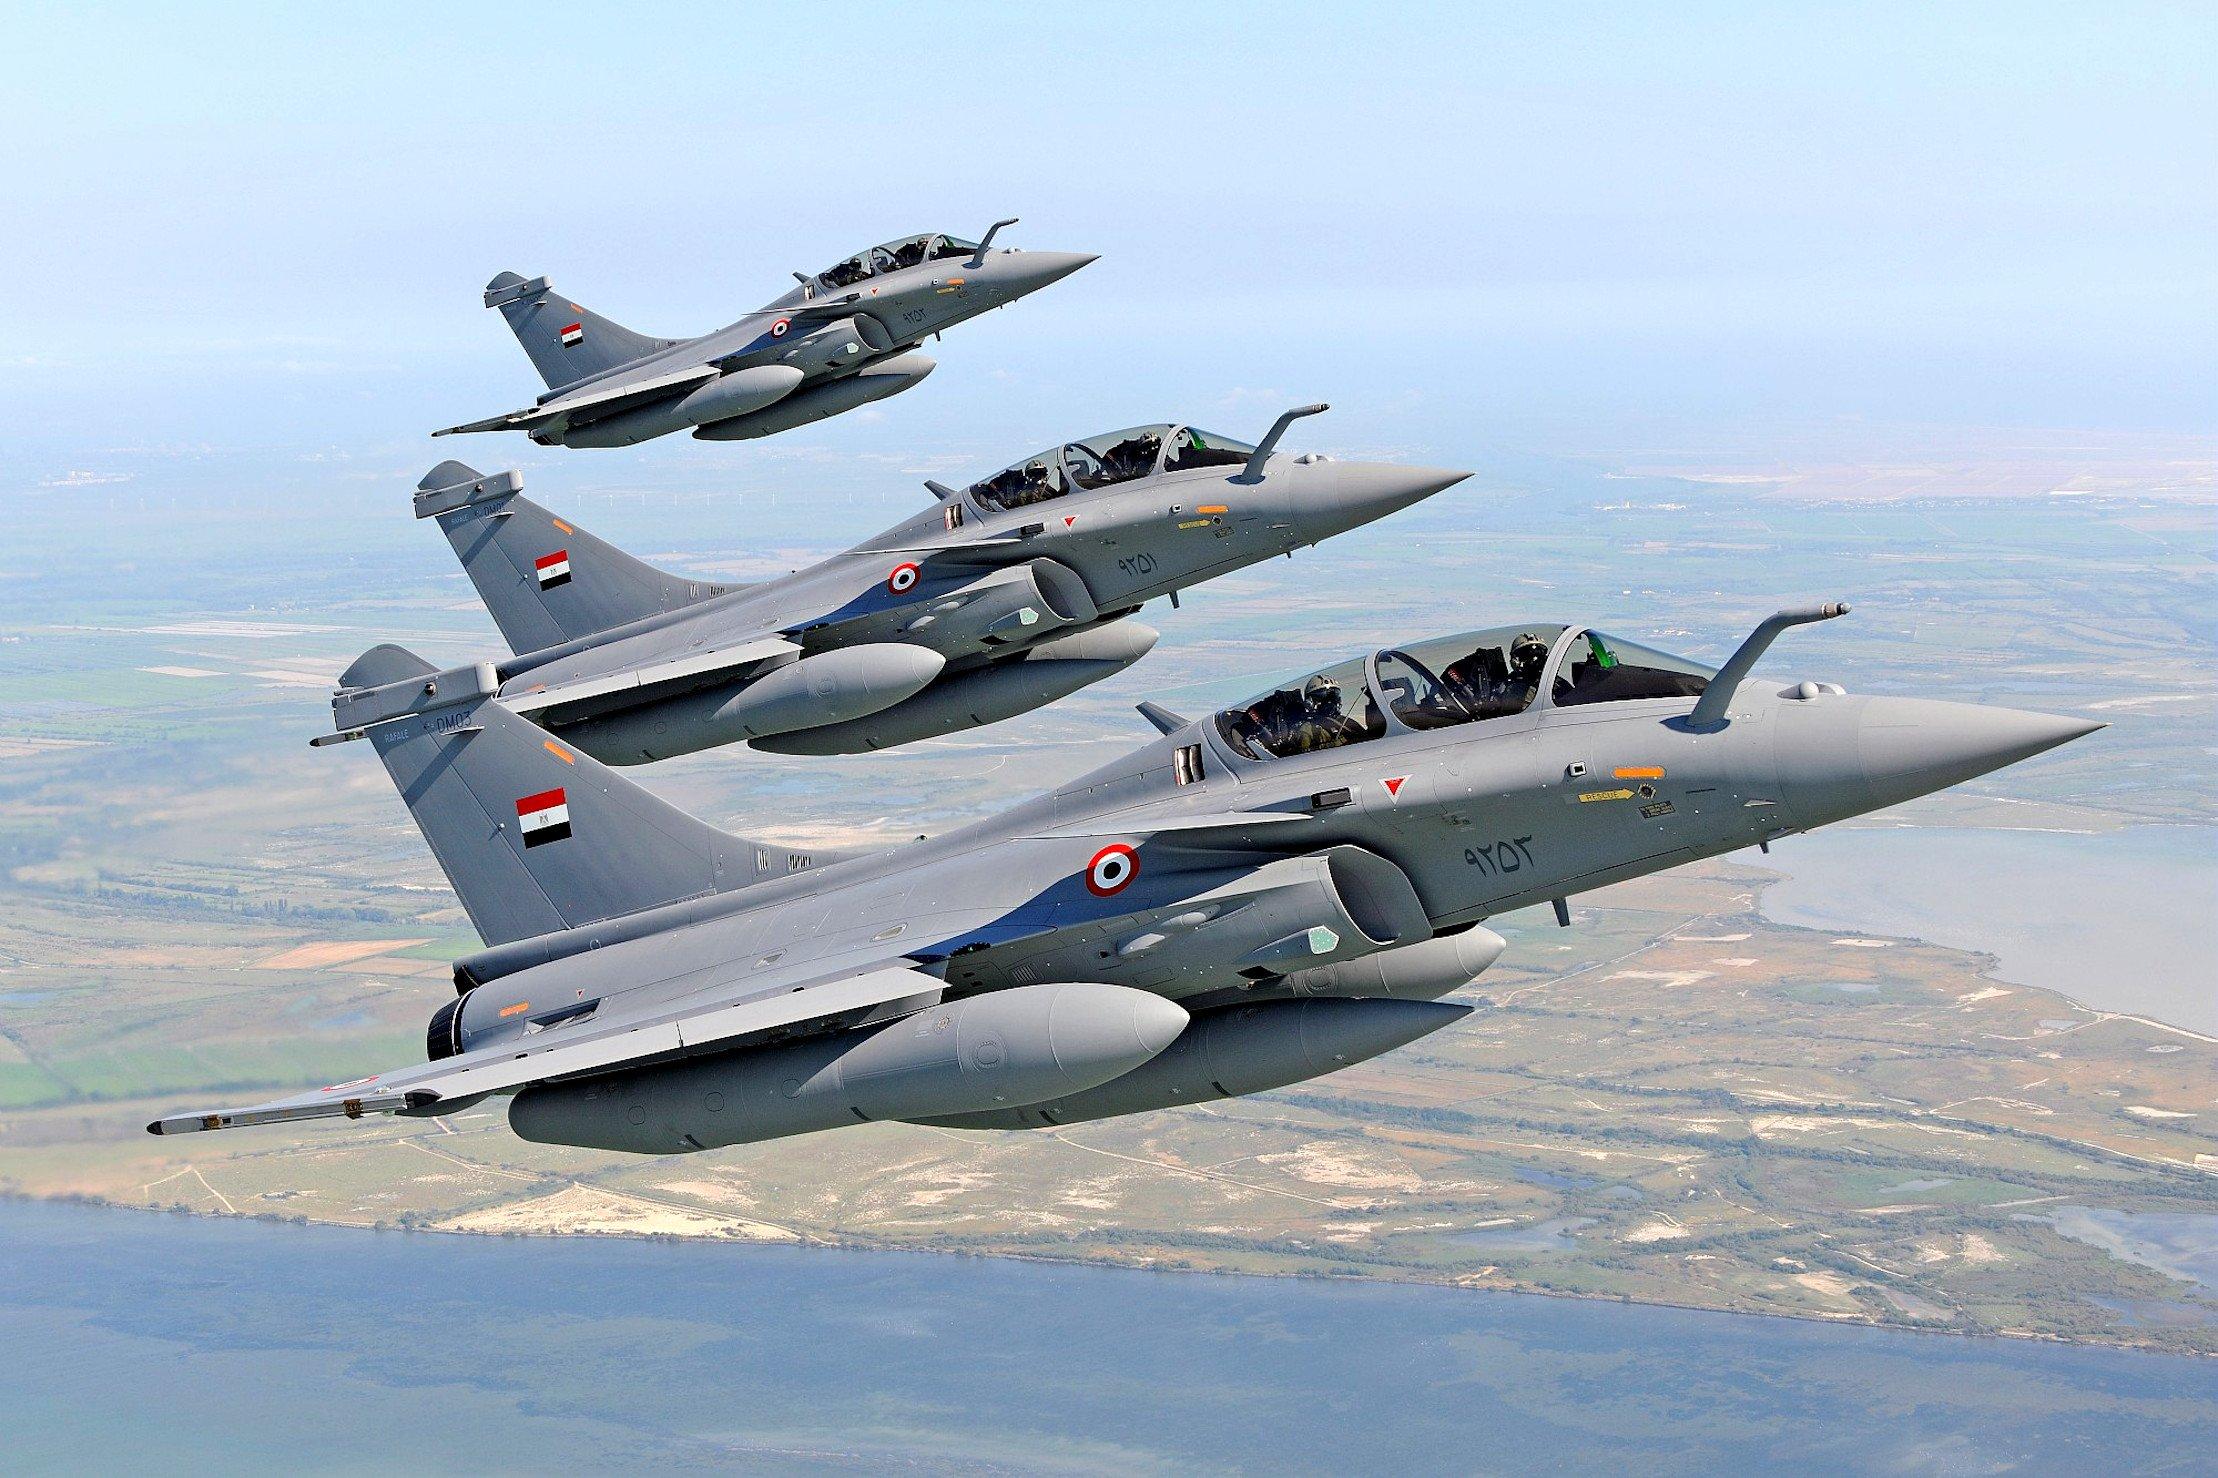 Rafale DMs [Dassault Aviation]